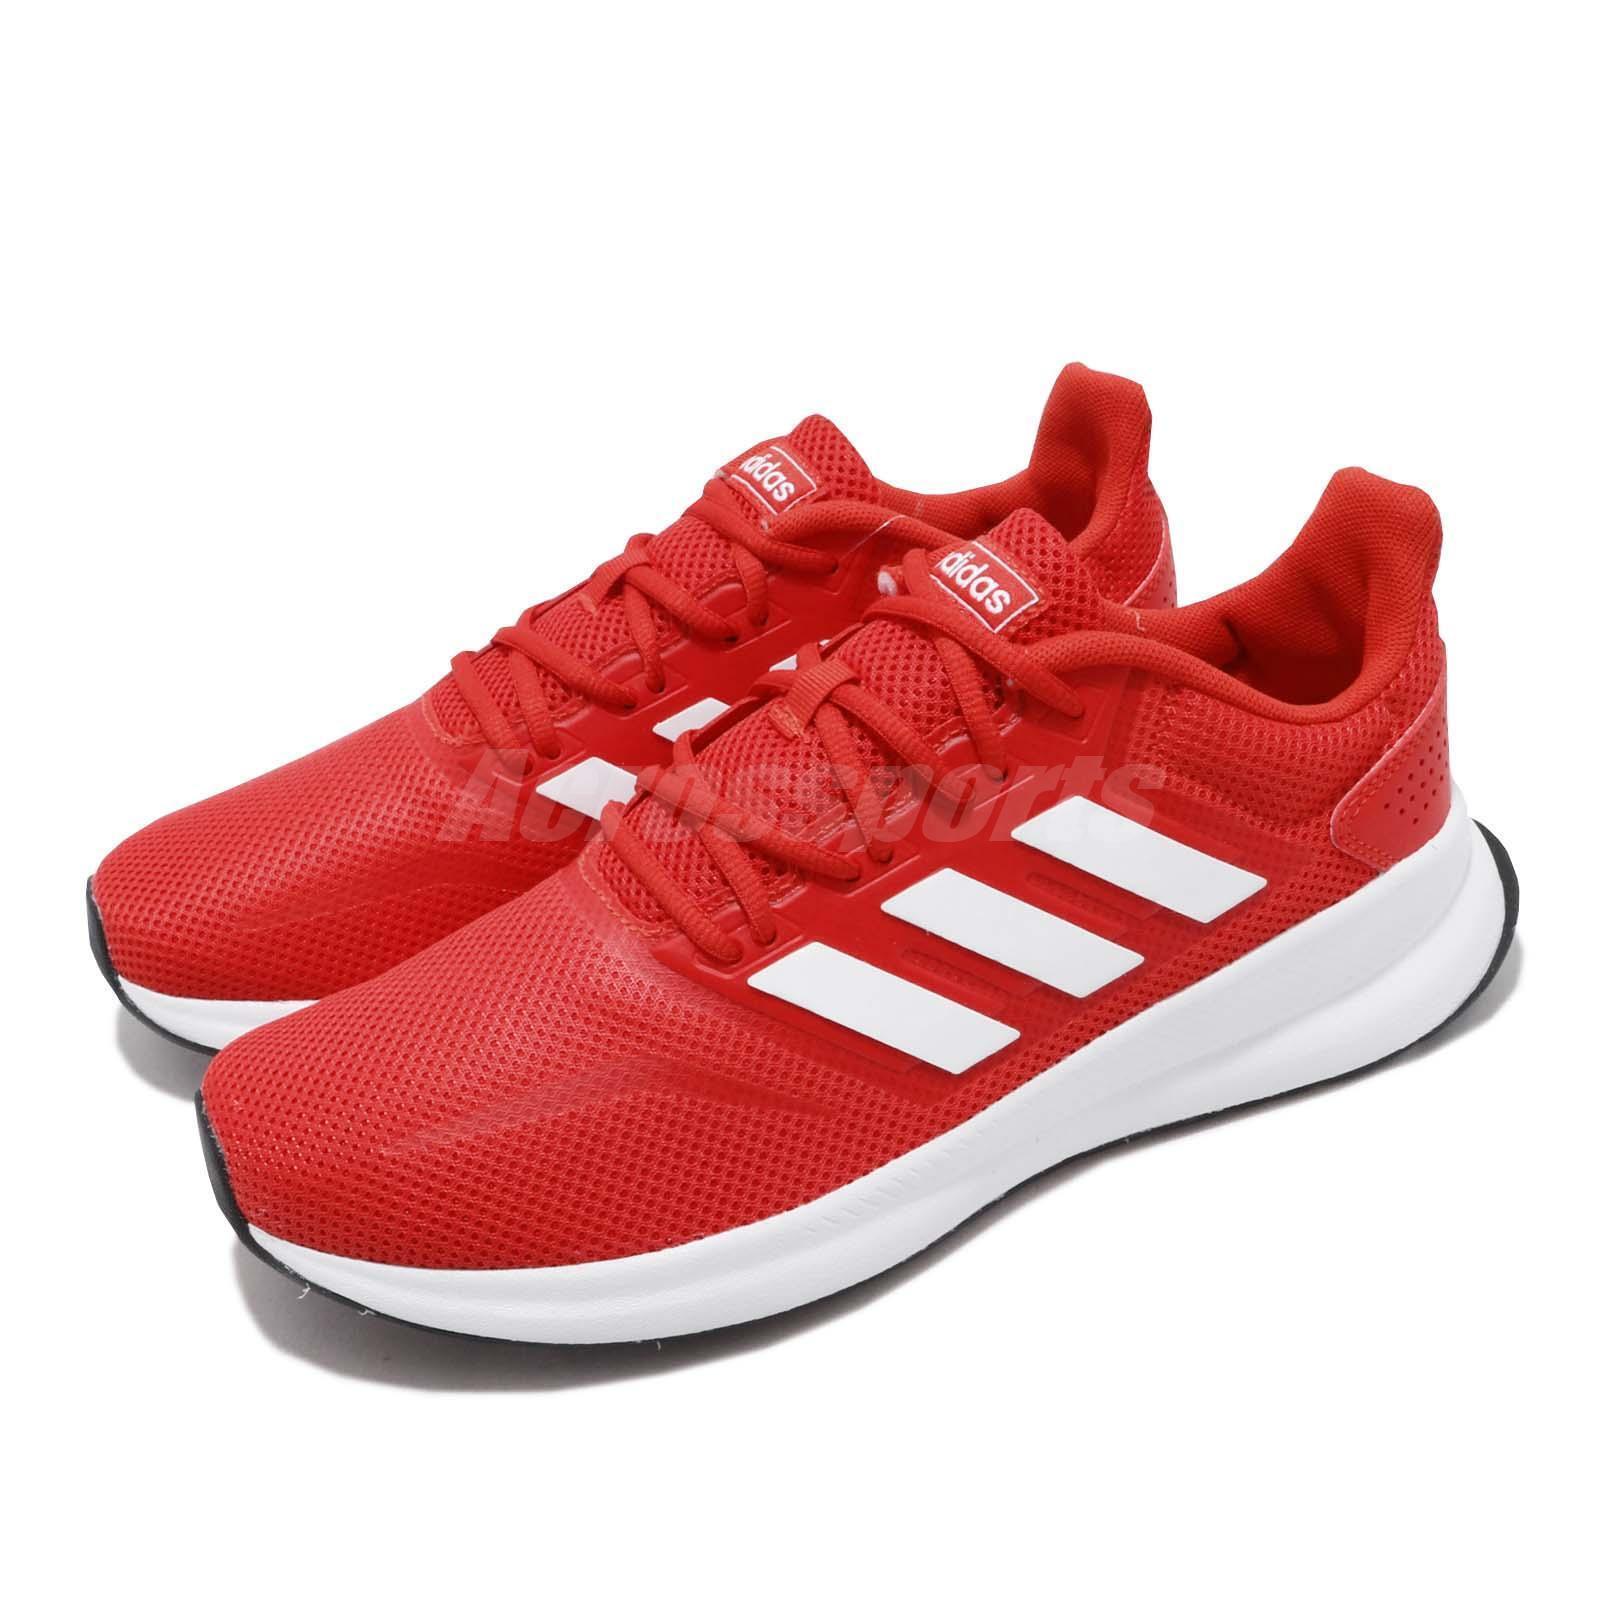 Adidas springafalcon aktiva röda vita män som kör träningsskor skor F36202